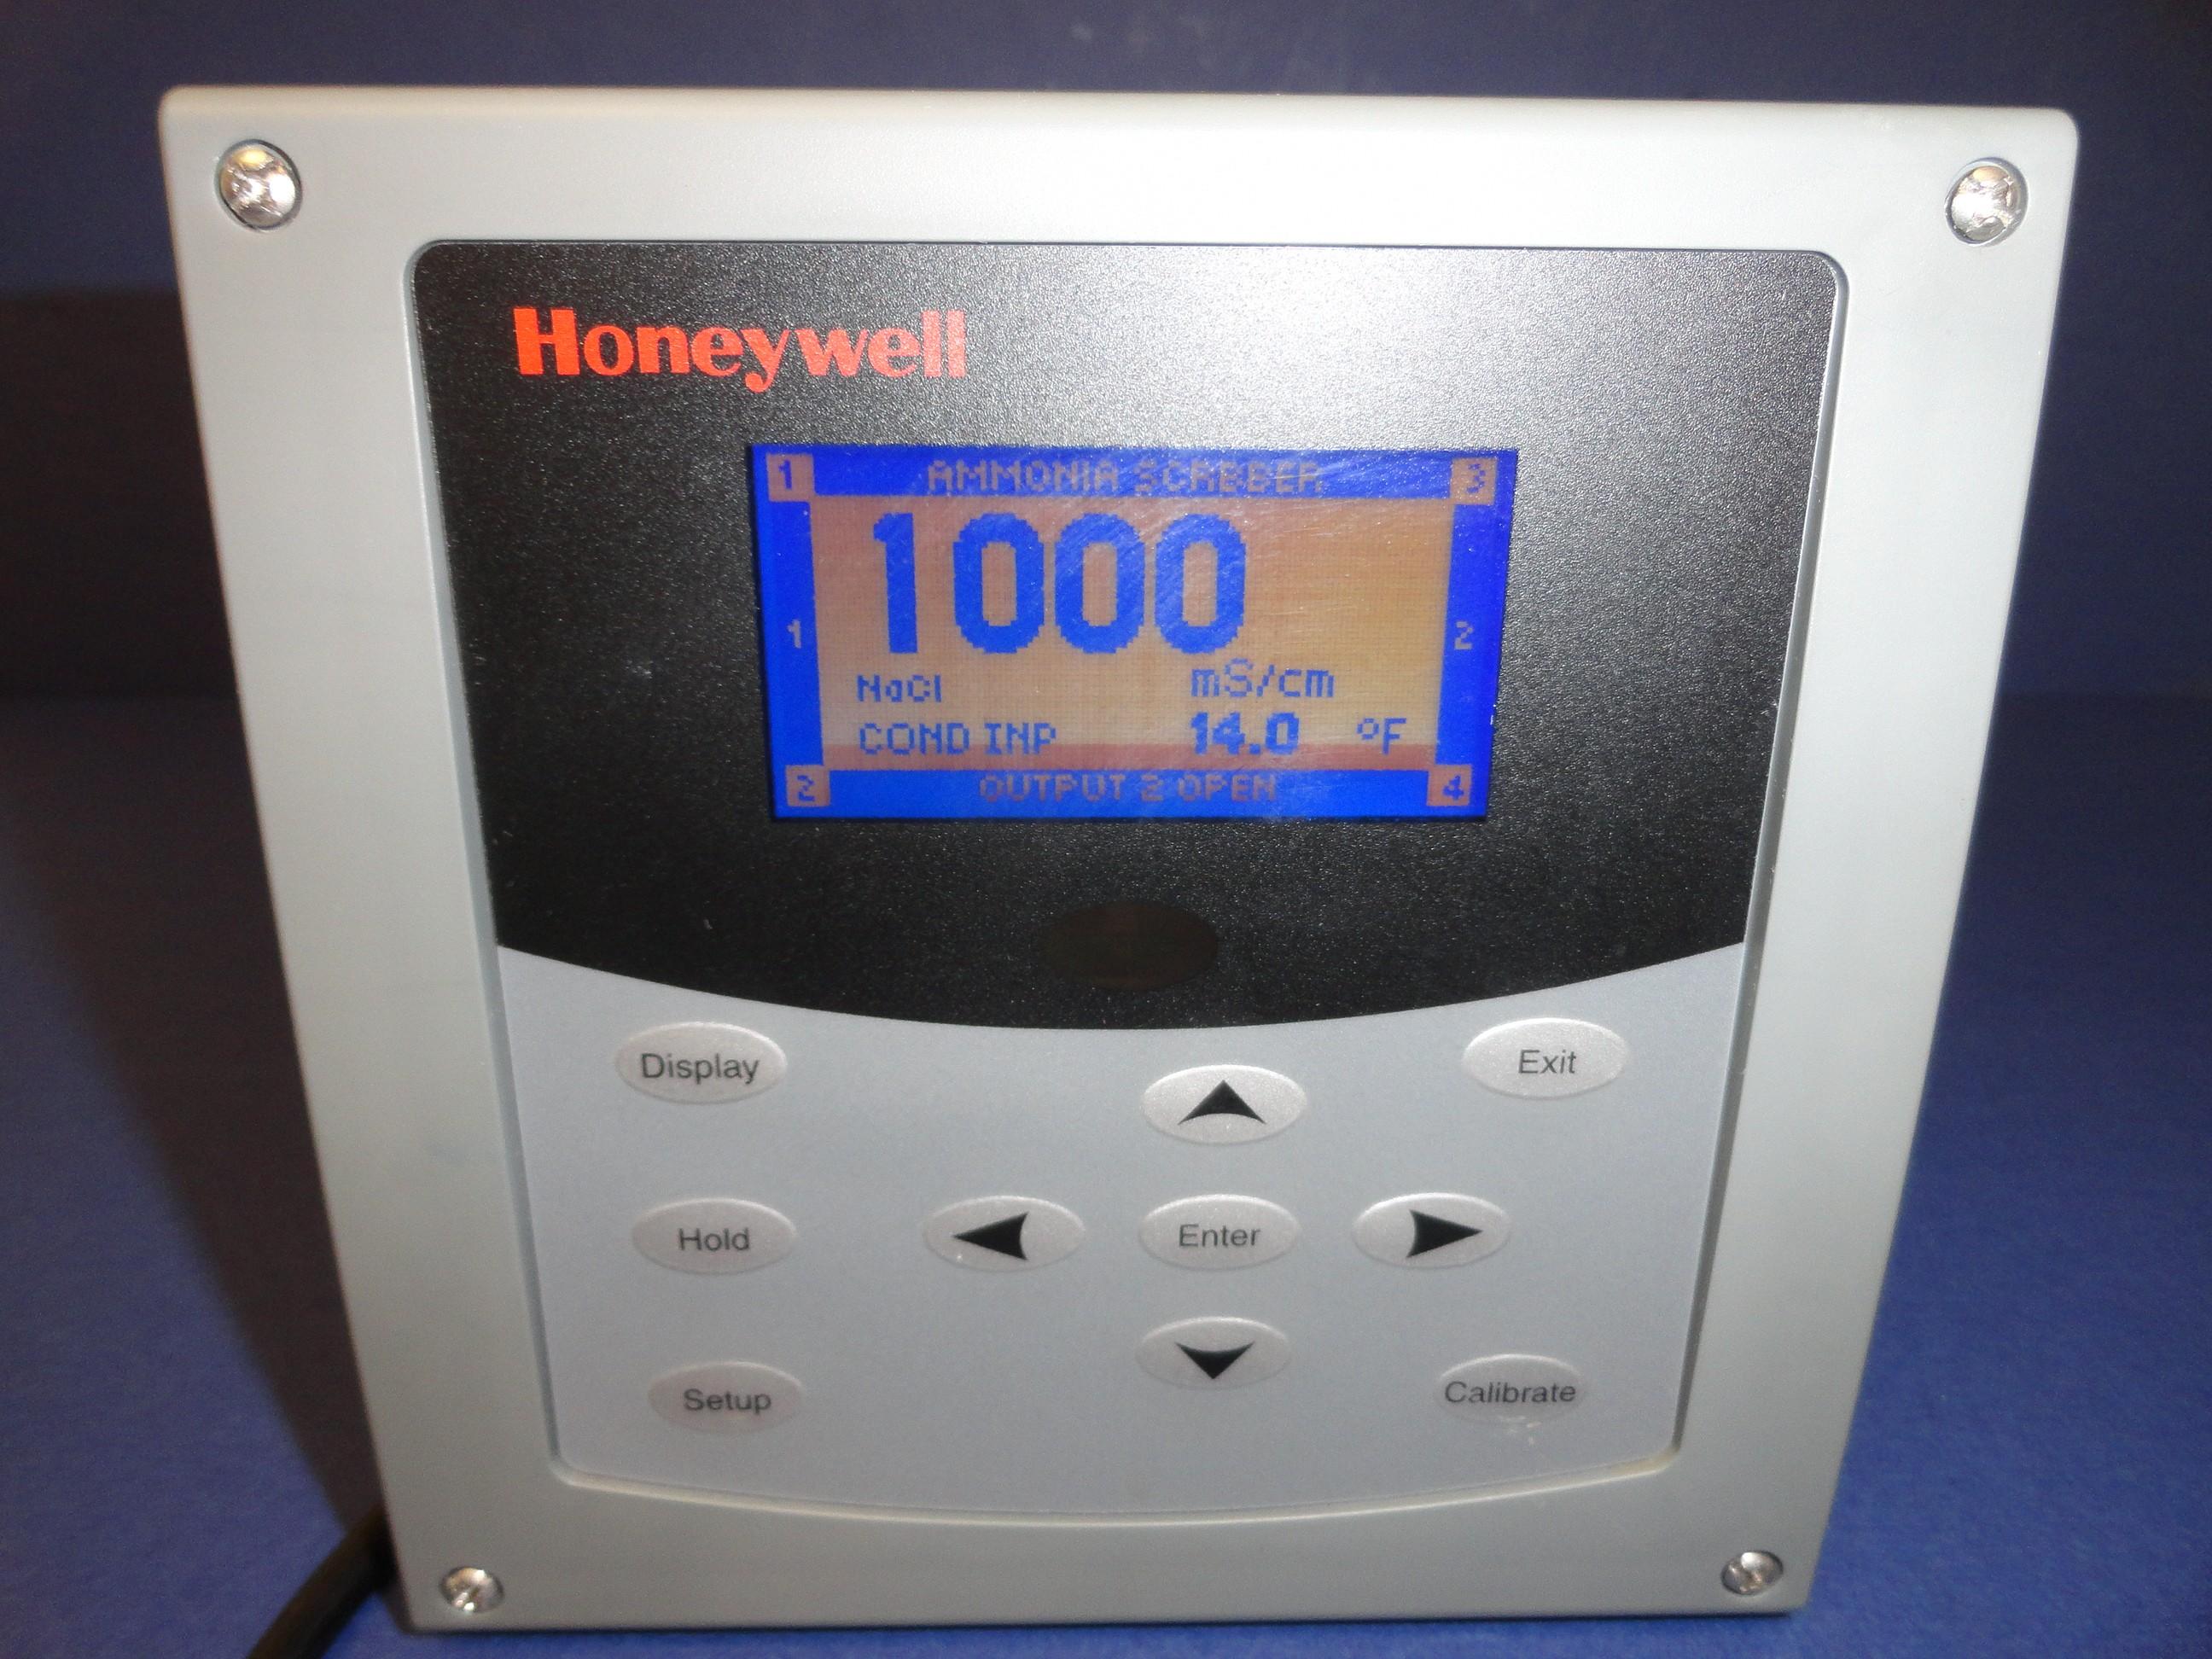 低价现货 电导率分析仪 honeywell(霍尼韦尔)UDA2182-CC1-CC2-NN-N-0000-EE 电导计 电导率表